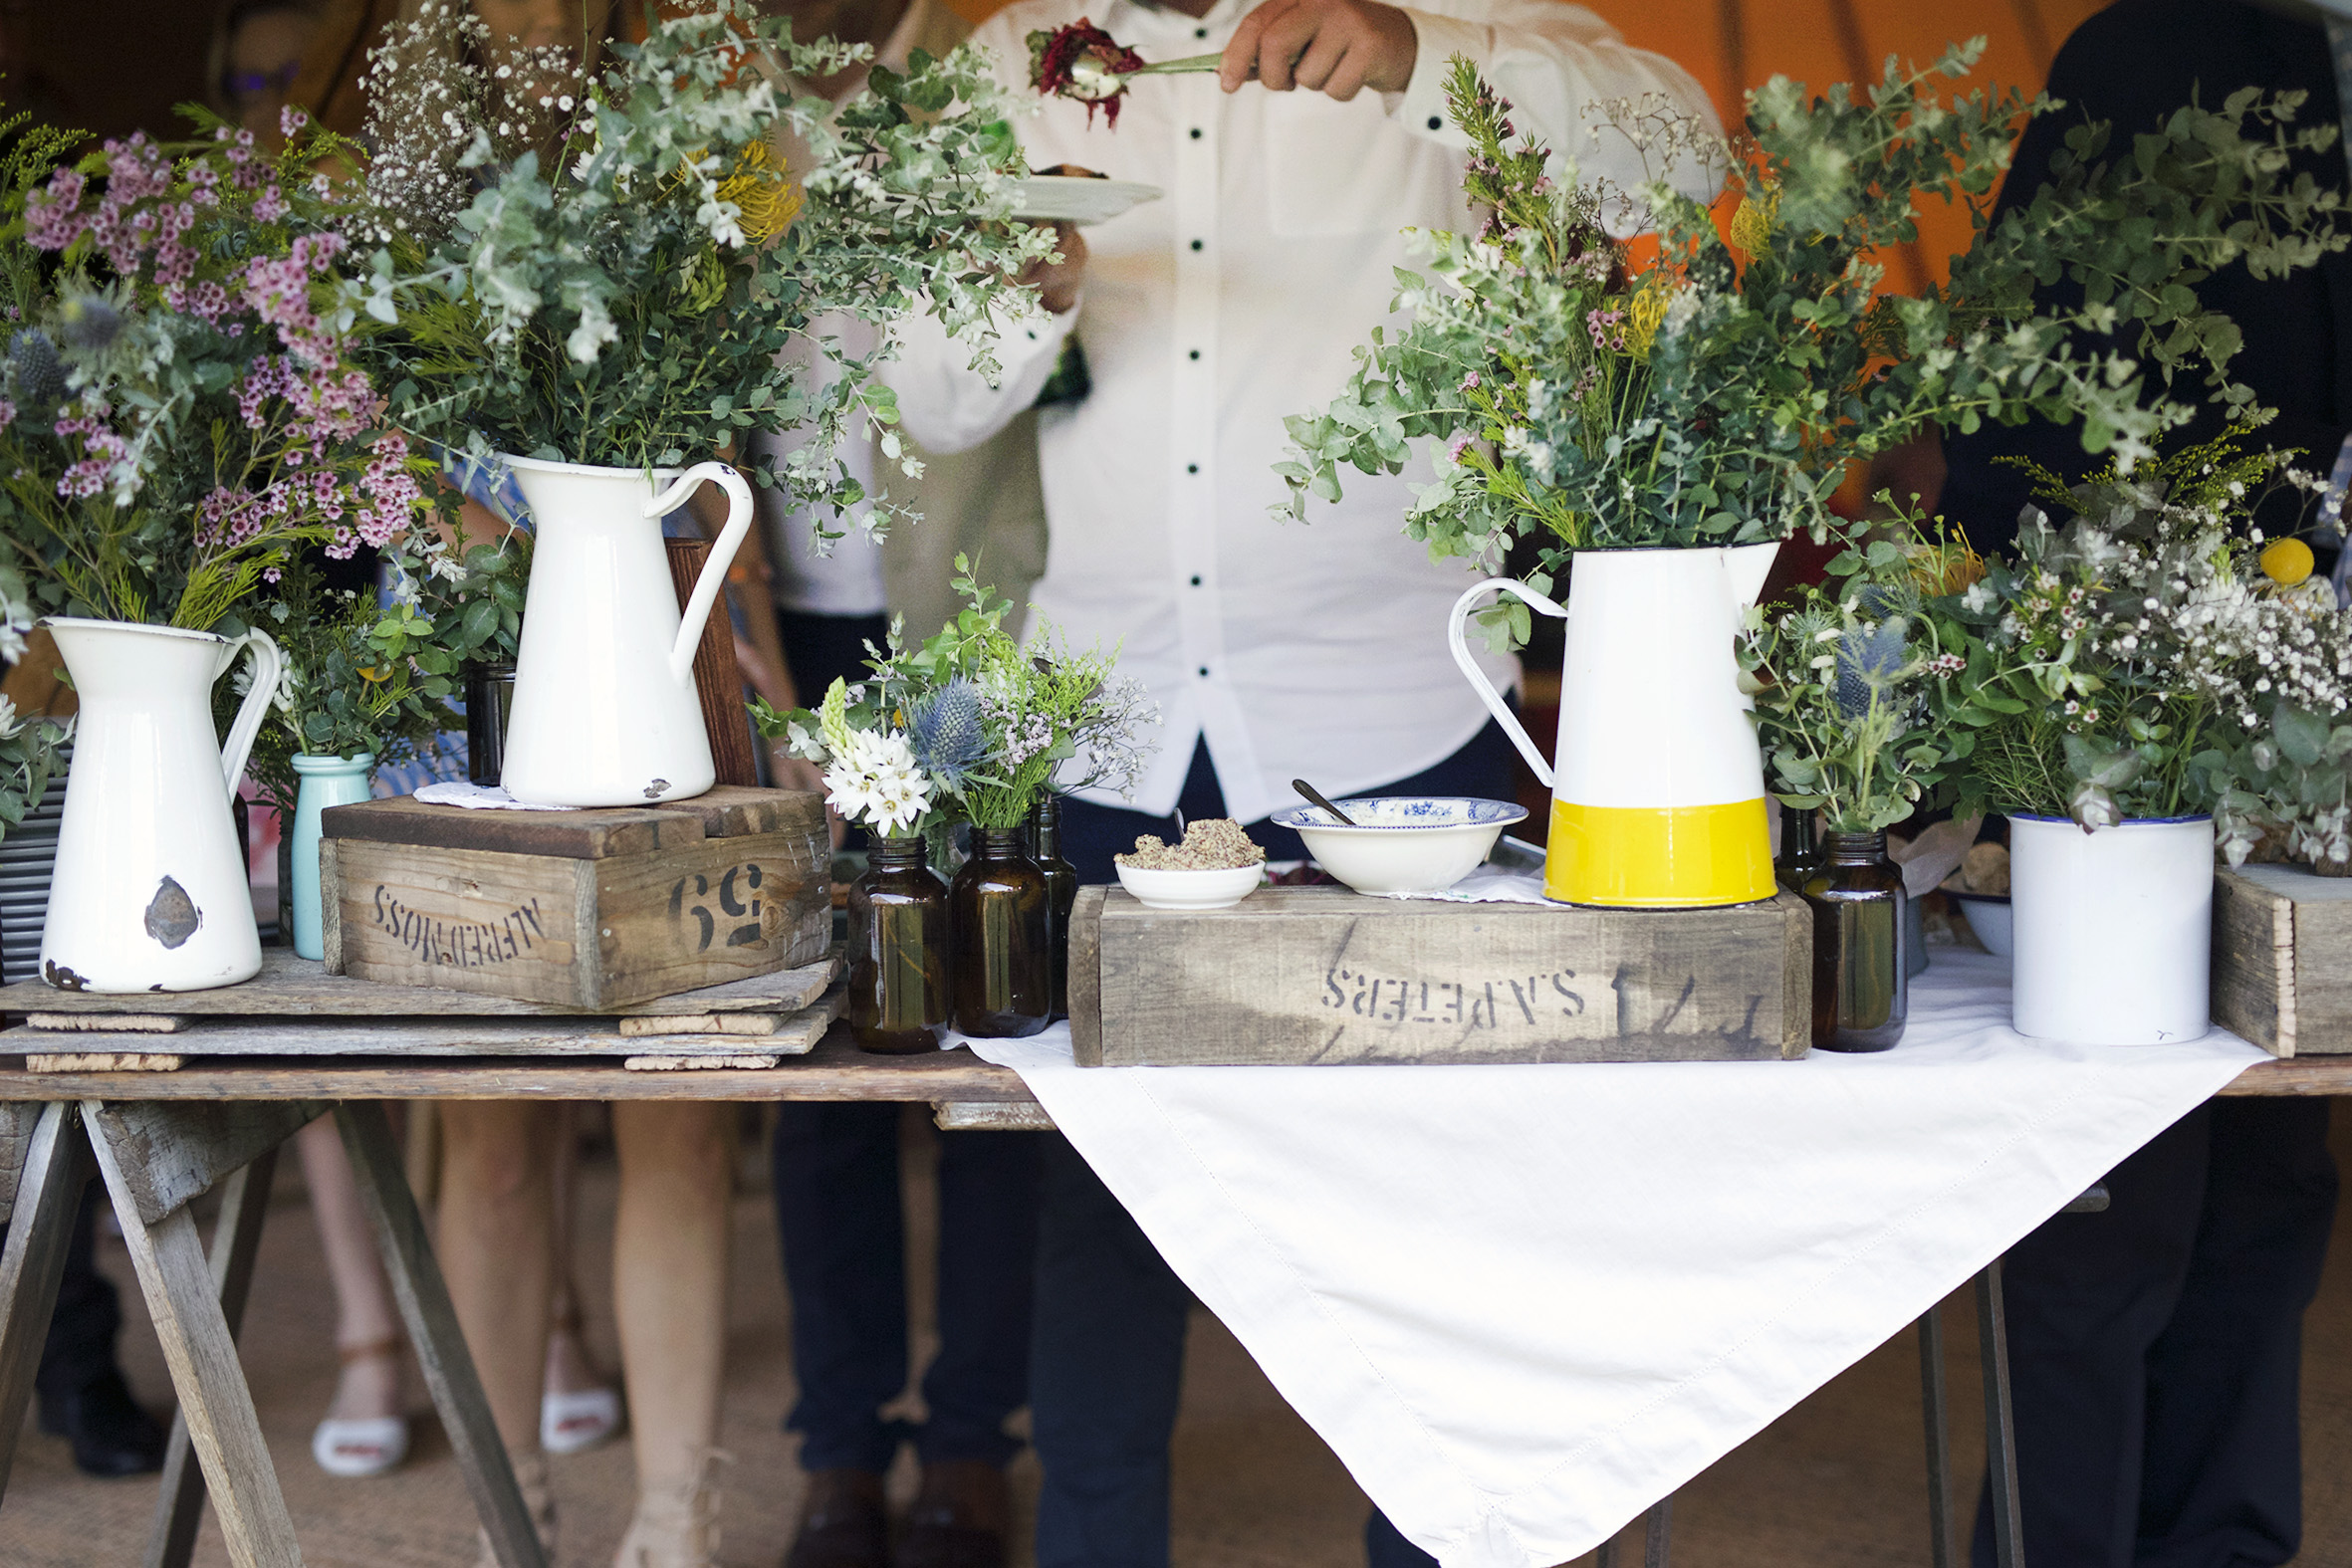 melbourne outdoor wedding 9.jpg